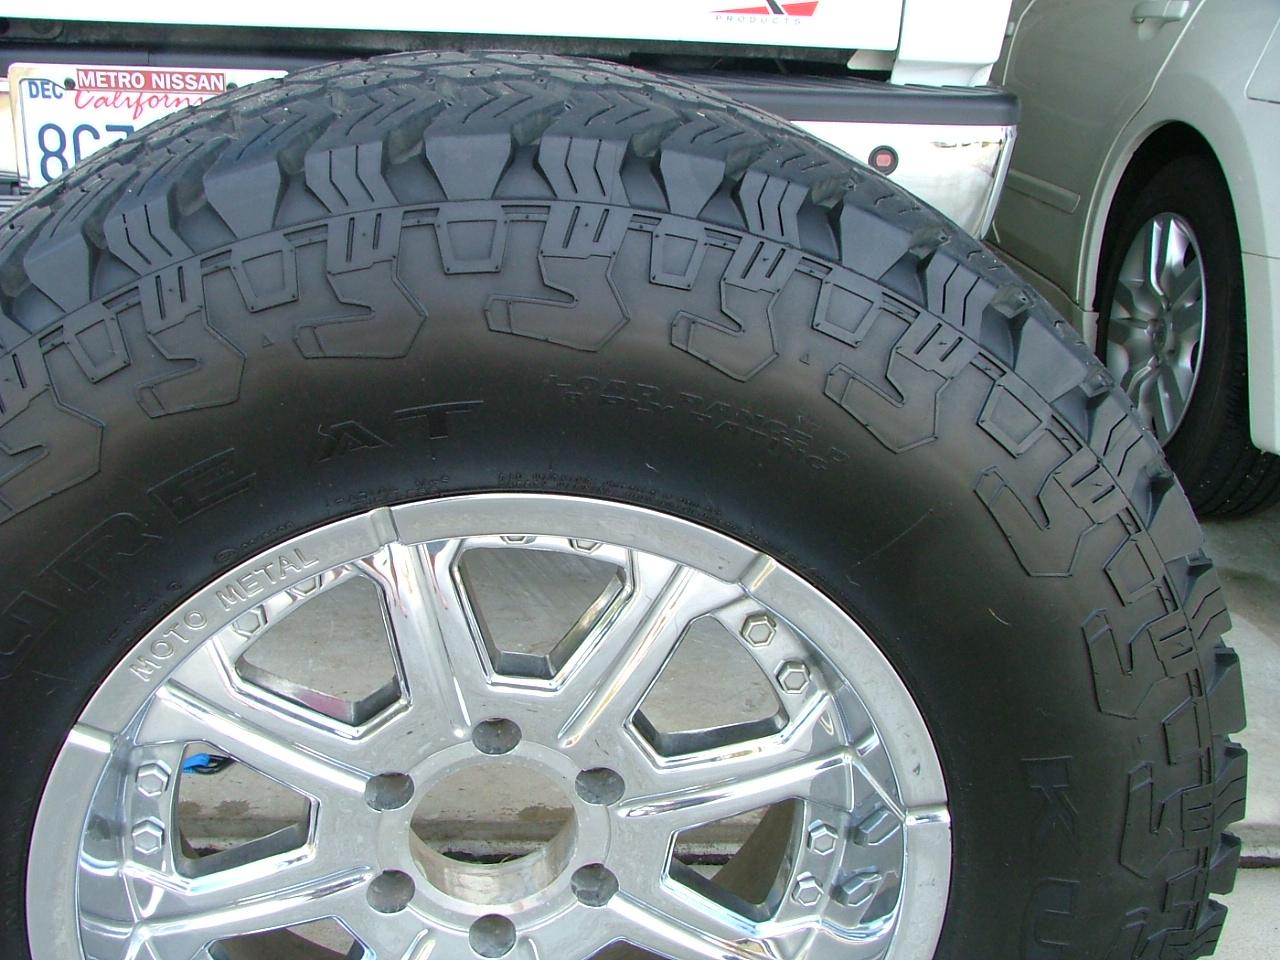 F S 325 65 18 35 13 18 Kuhmo Road Venture A T Tires